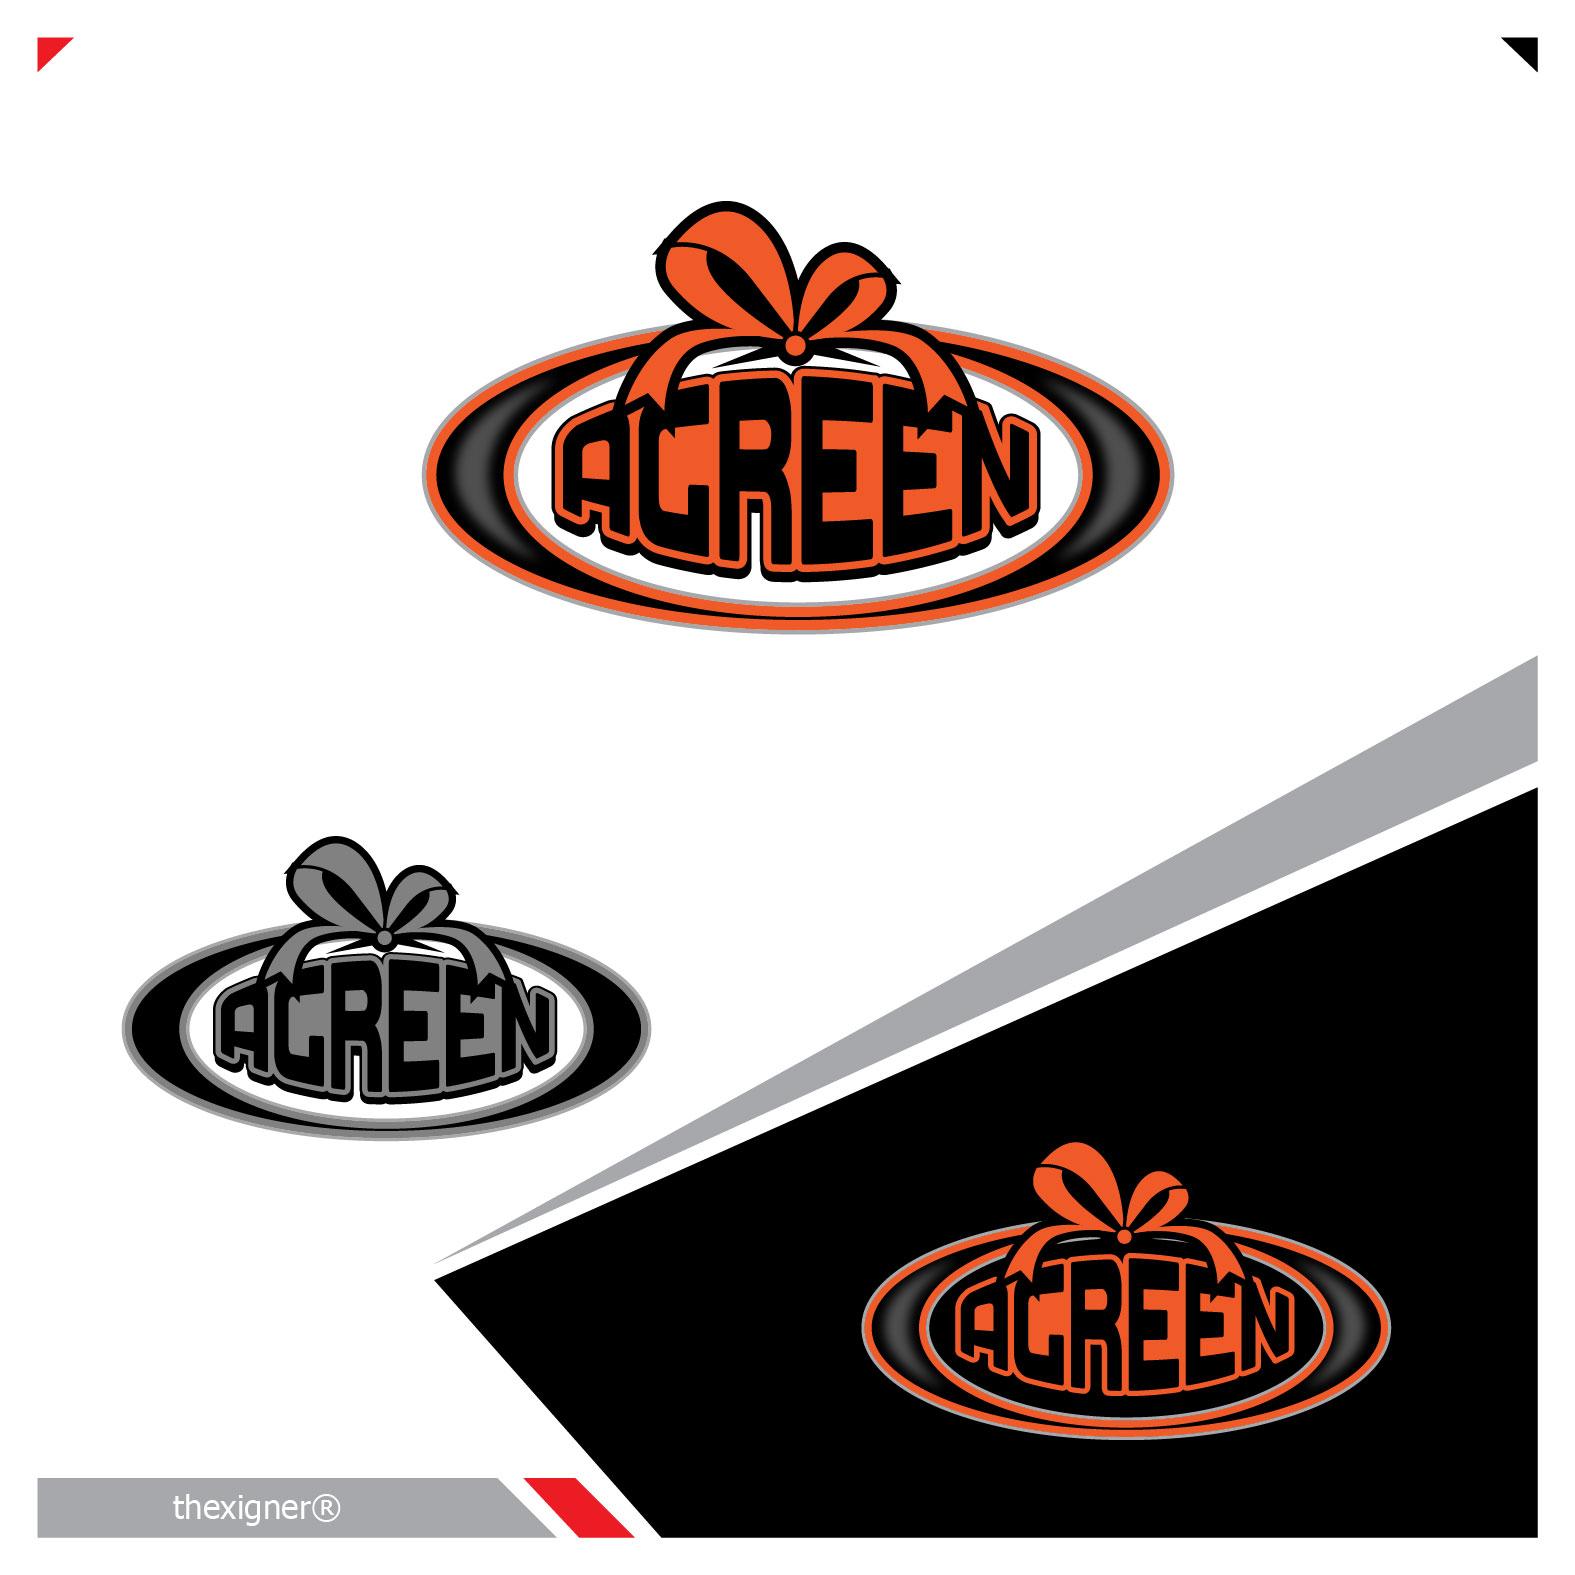 Logo Design by lagalag - Entry No. 71 in the Logo Design Contest Inspiring Logo Design for Agreen.